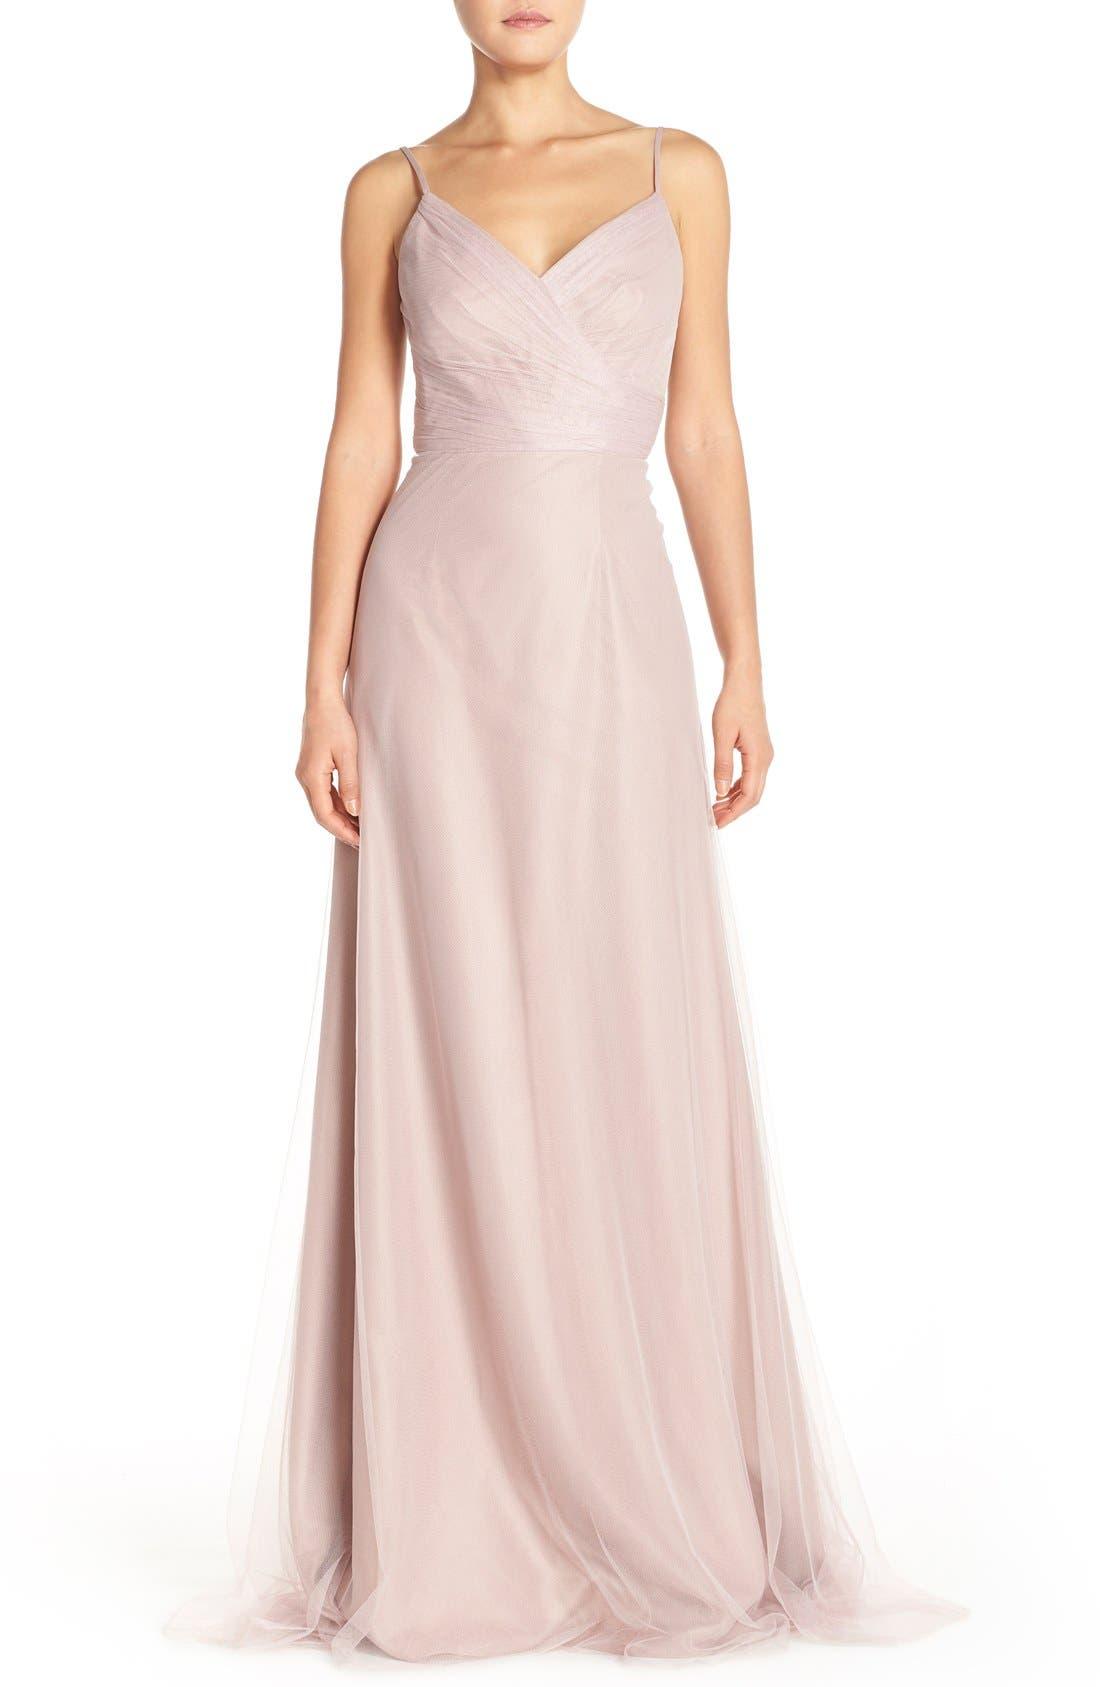 Main Image - Monique Lhuillier Bridesmaids Surplice Tulle Gown